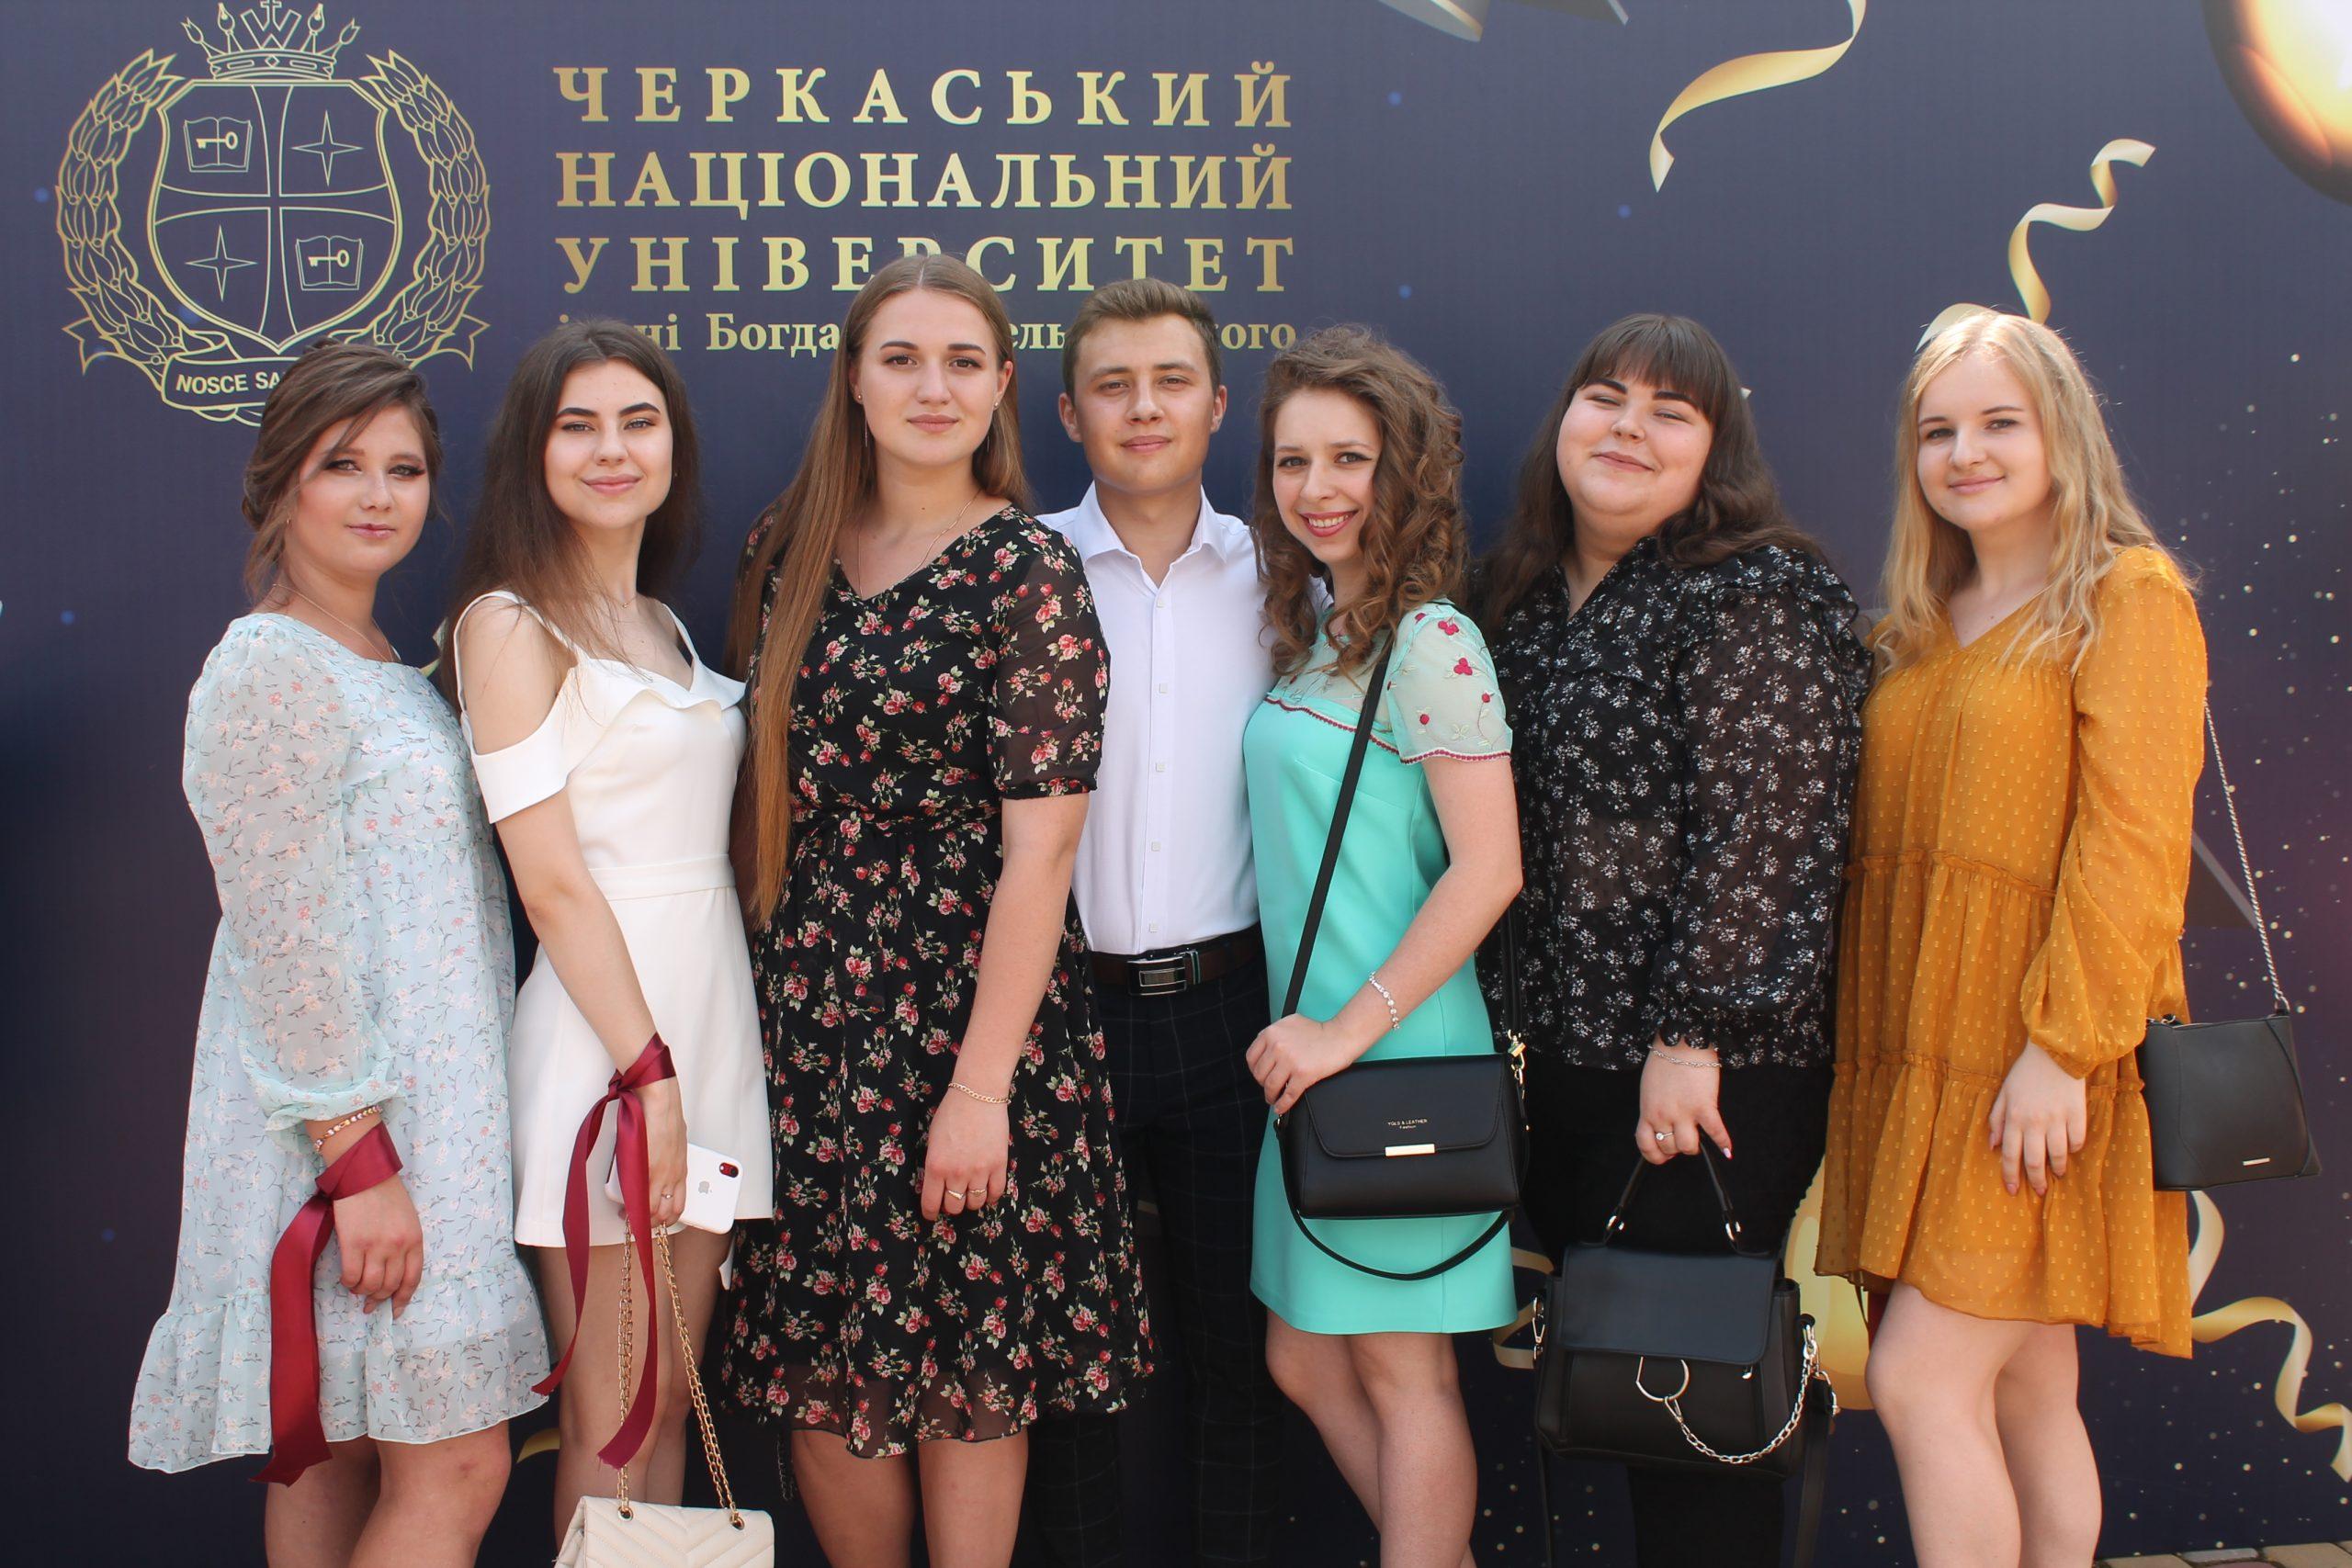 У Черкаському національному – понад тисяча випускників